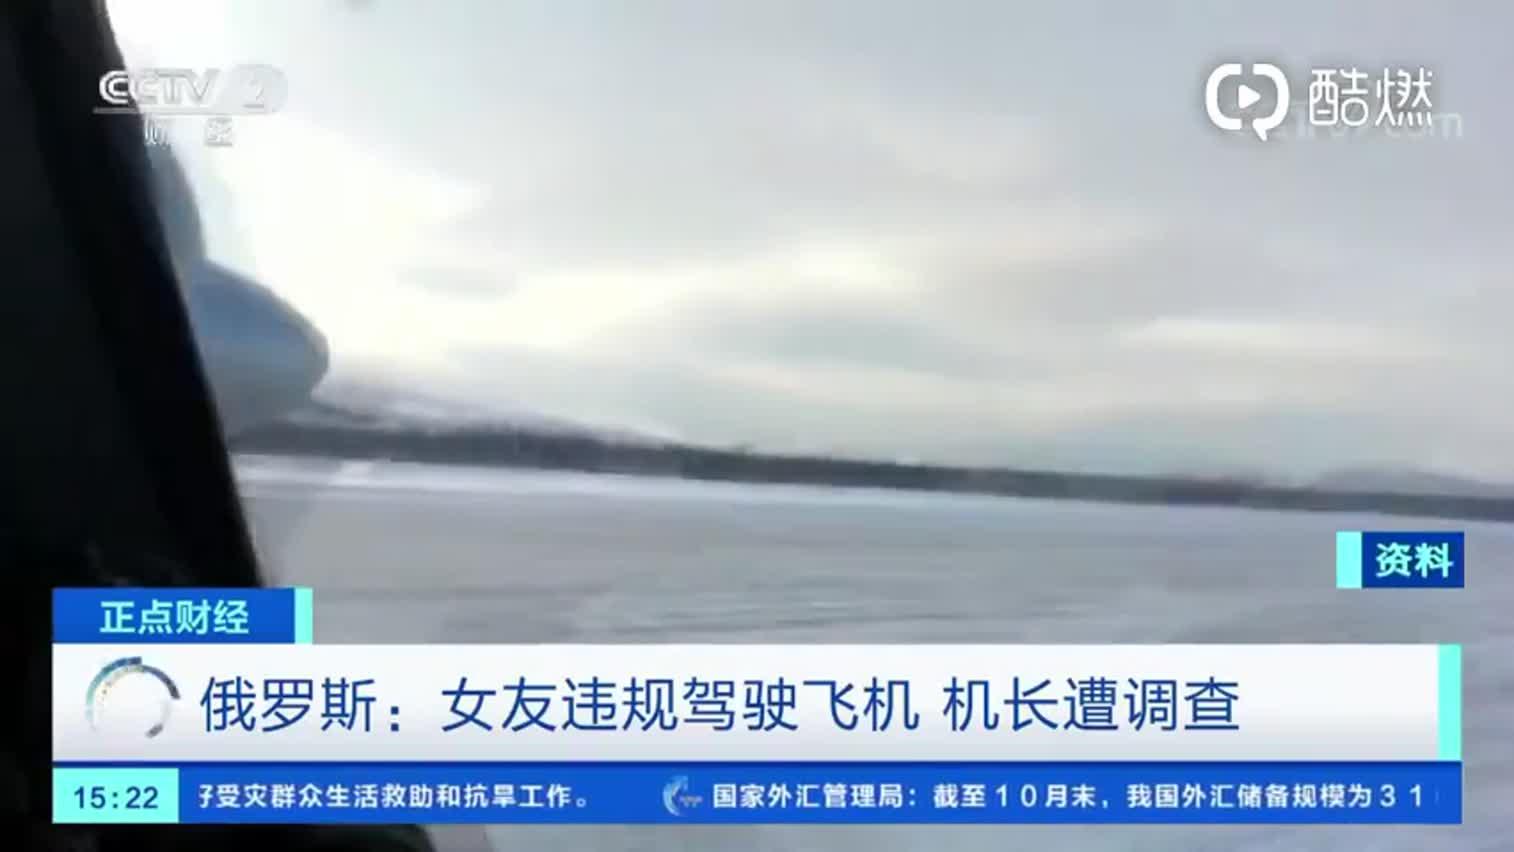 视频-女友违规驾驶飞机 俄罗斯一机长被调查